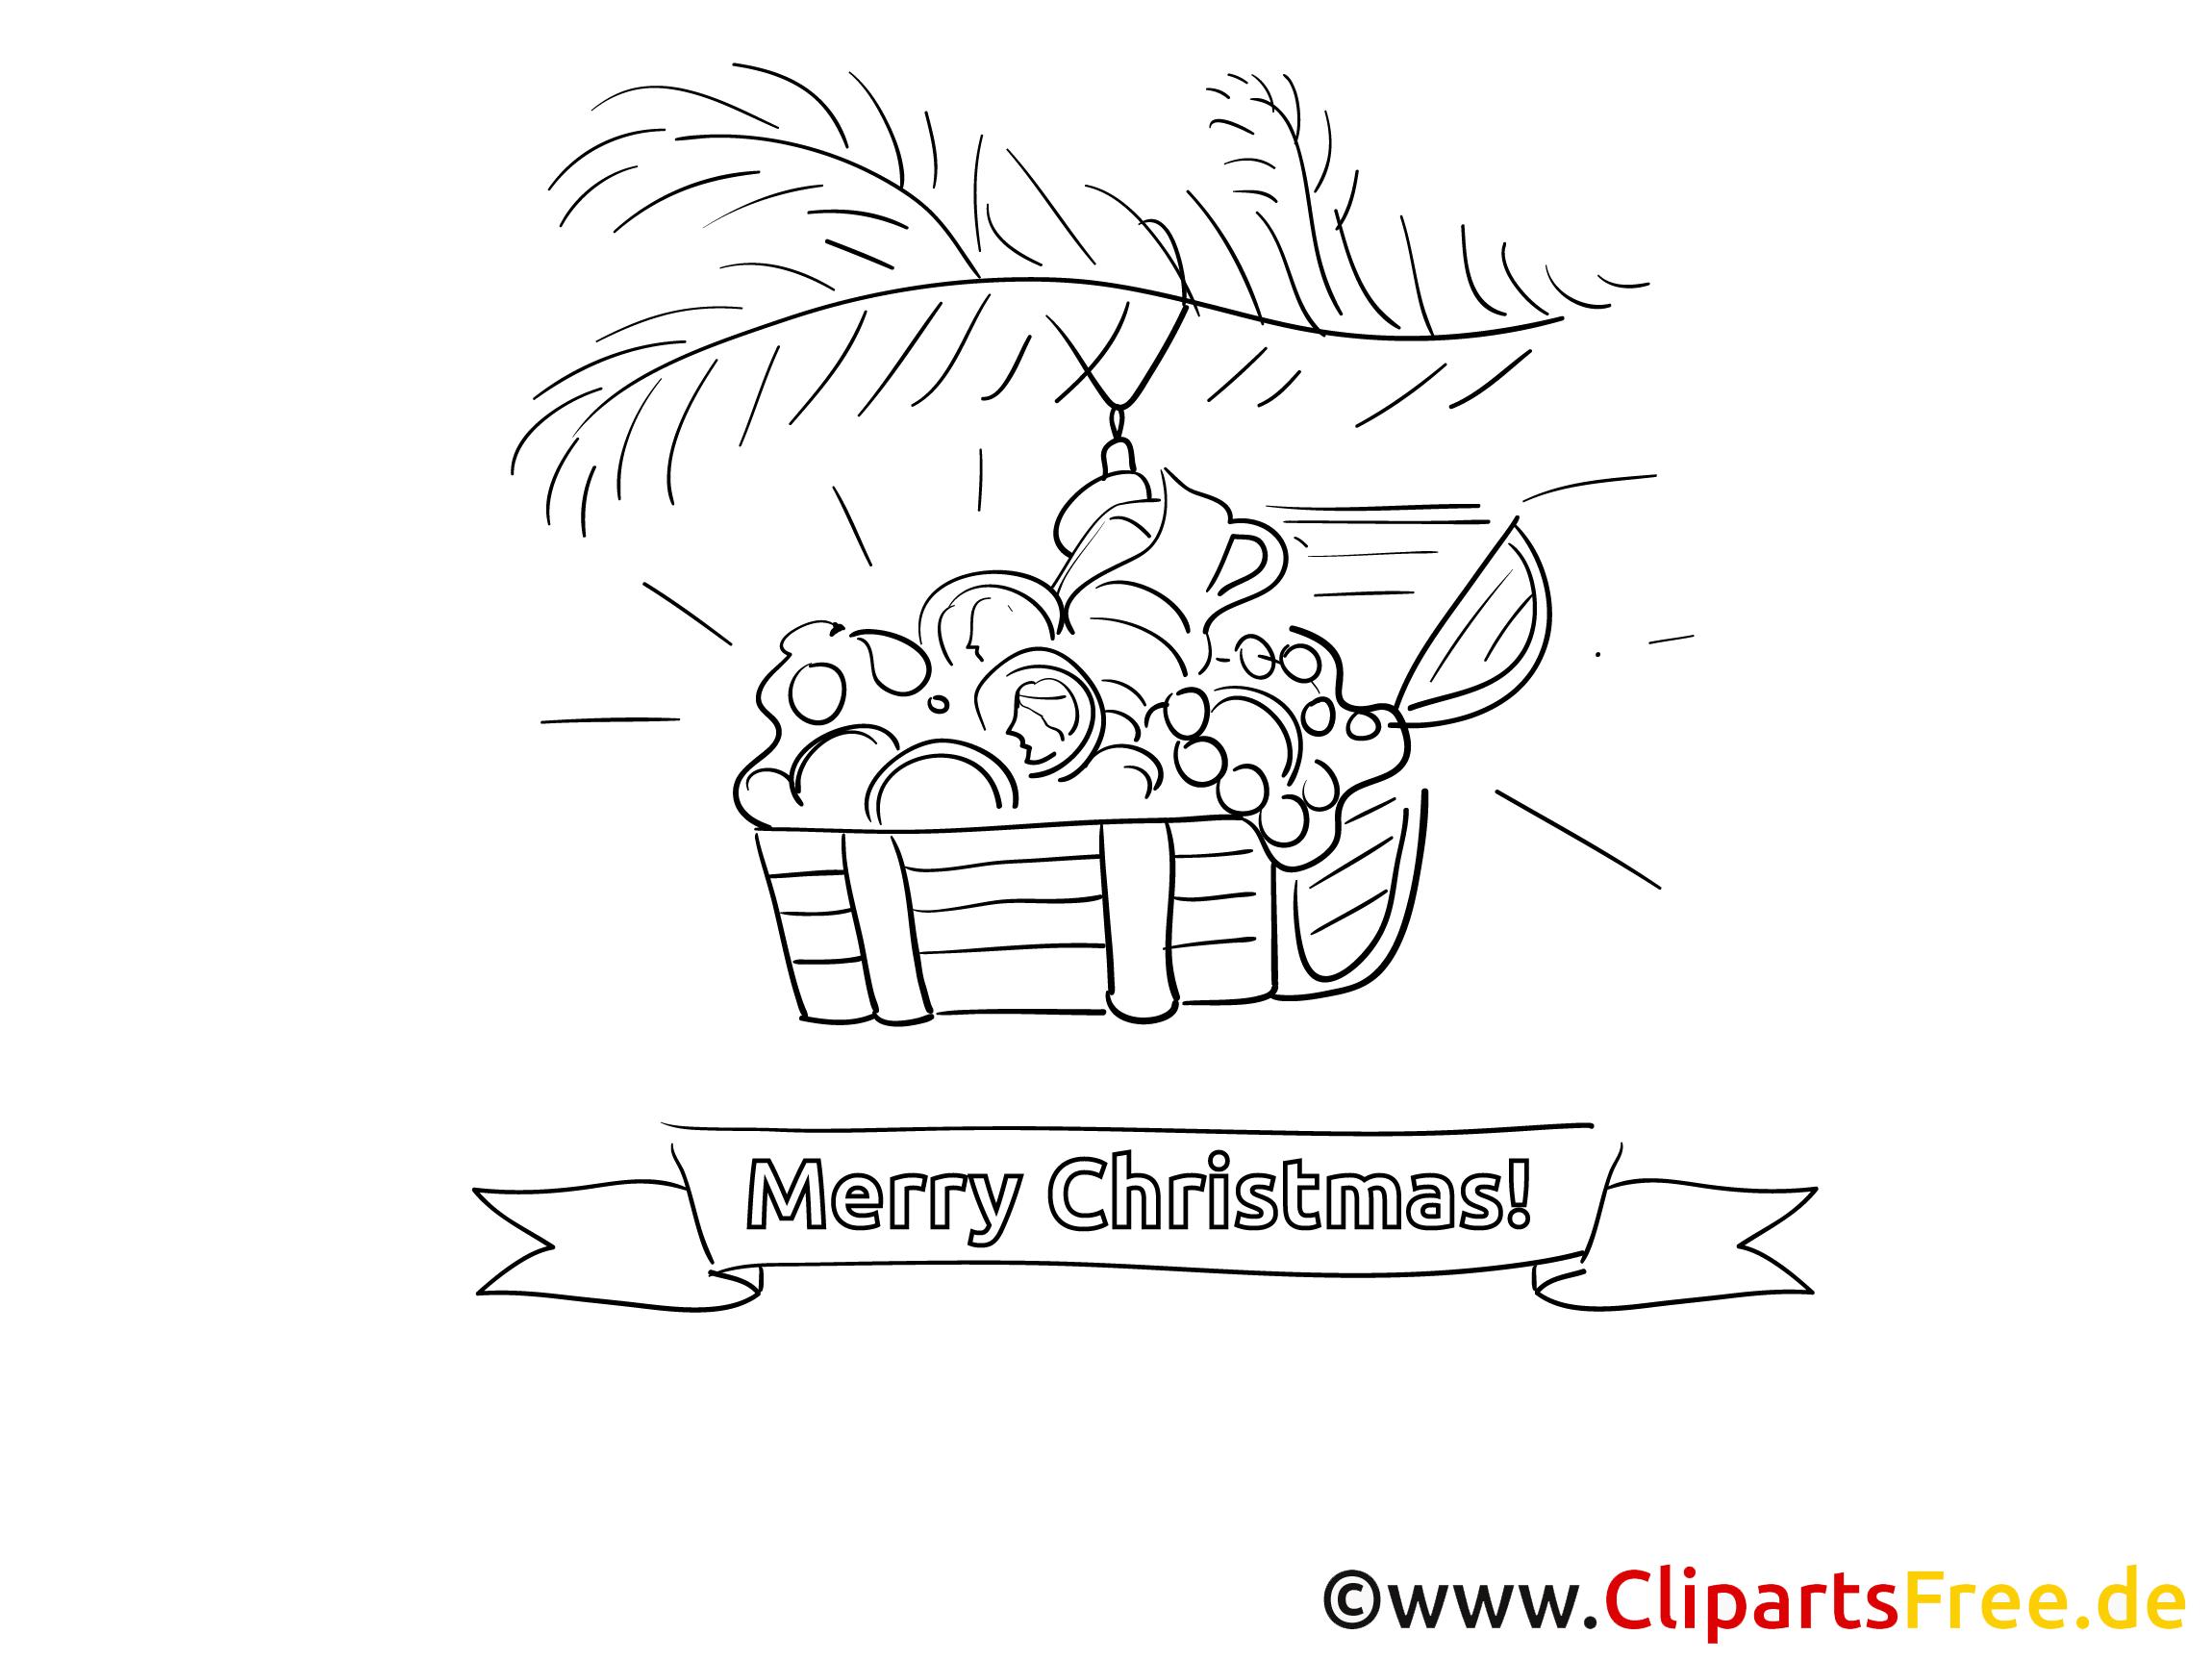 Atemberaubend Weihnachtsgeschenke Malvorlagen Zum Ausdrucken Bilder ...